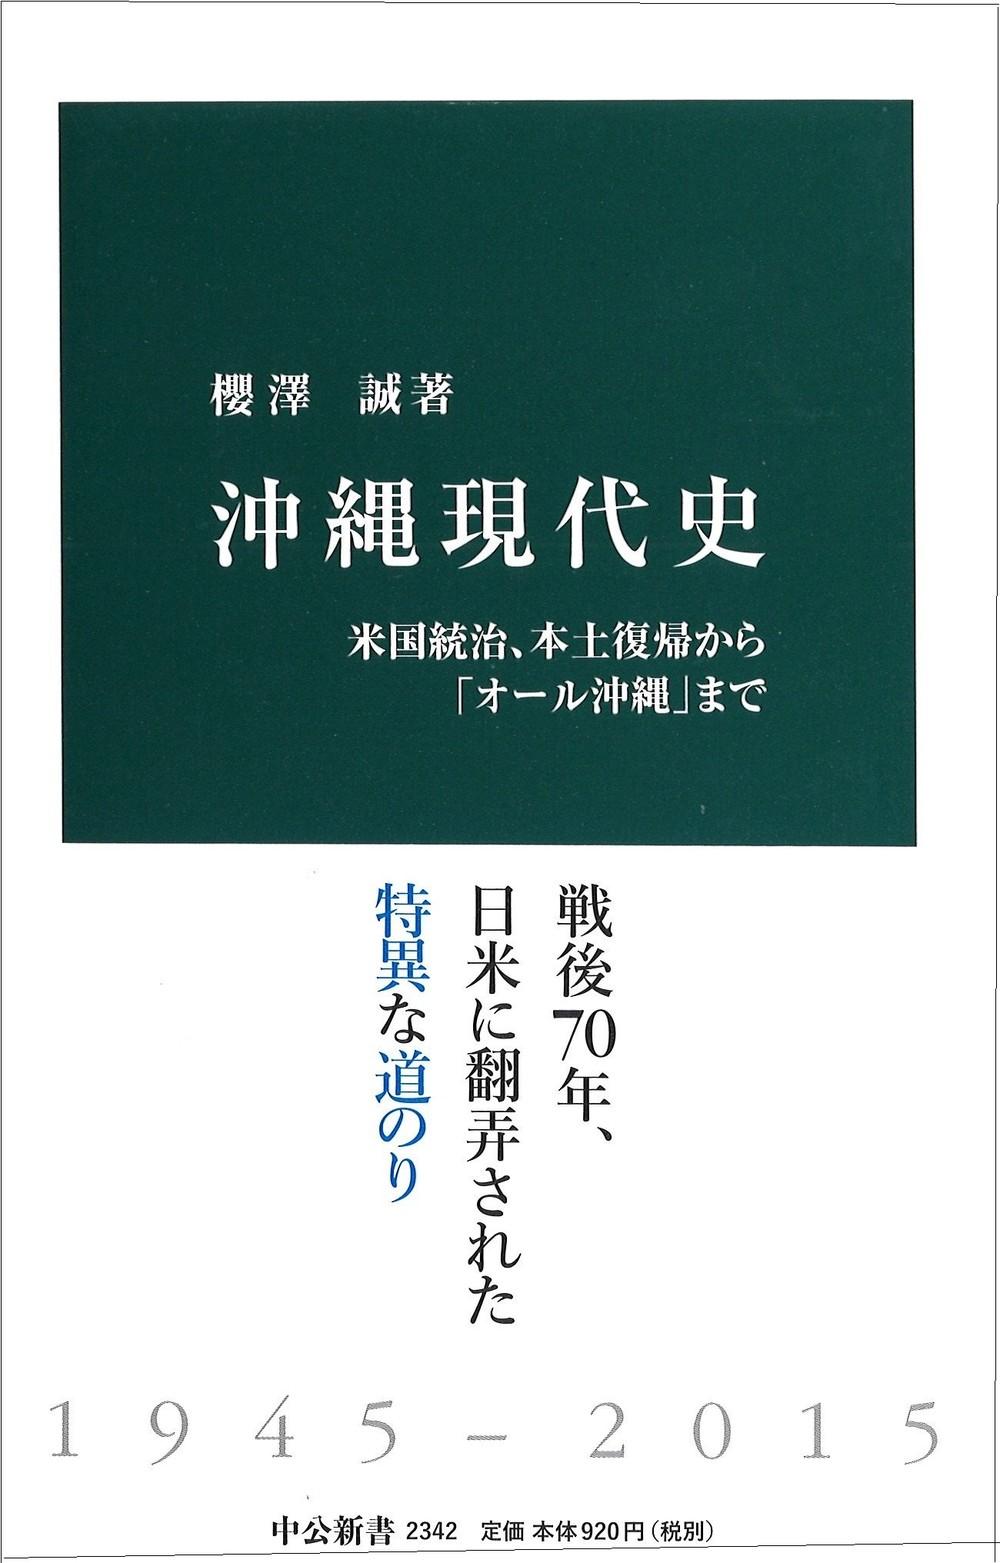 若手研究者による沖縄政治史、復帰以降の記述にあらわれる